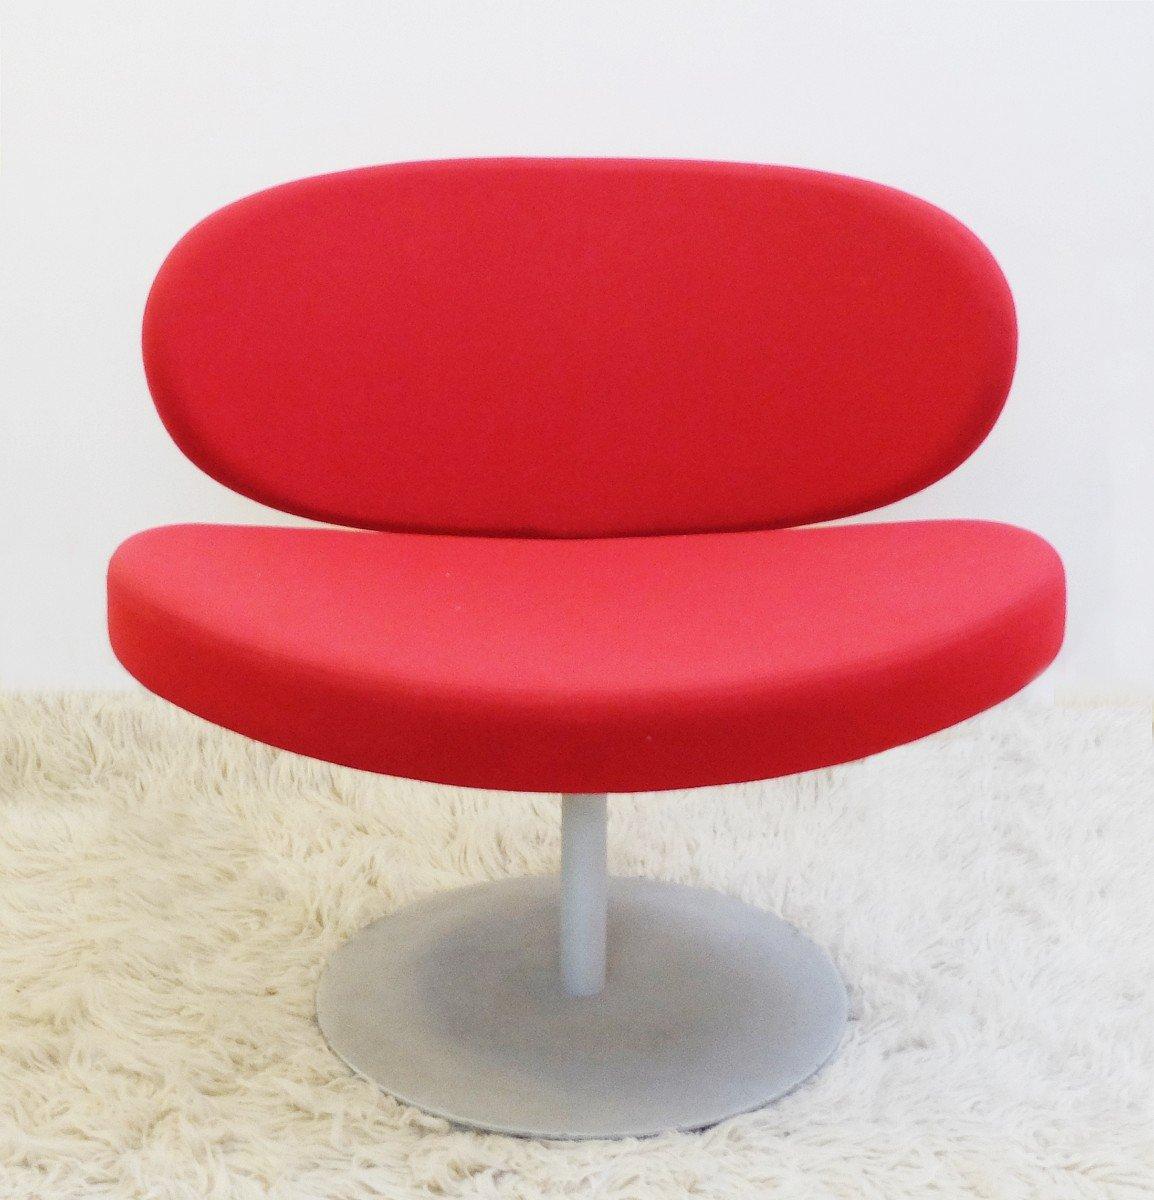 chaise pivotante vintage rouge avec base ronde en vente sur pamono. Black Bedroom Furniture Sets. Home Design Ideas